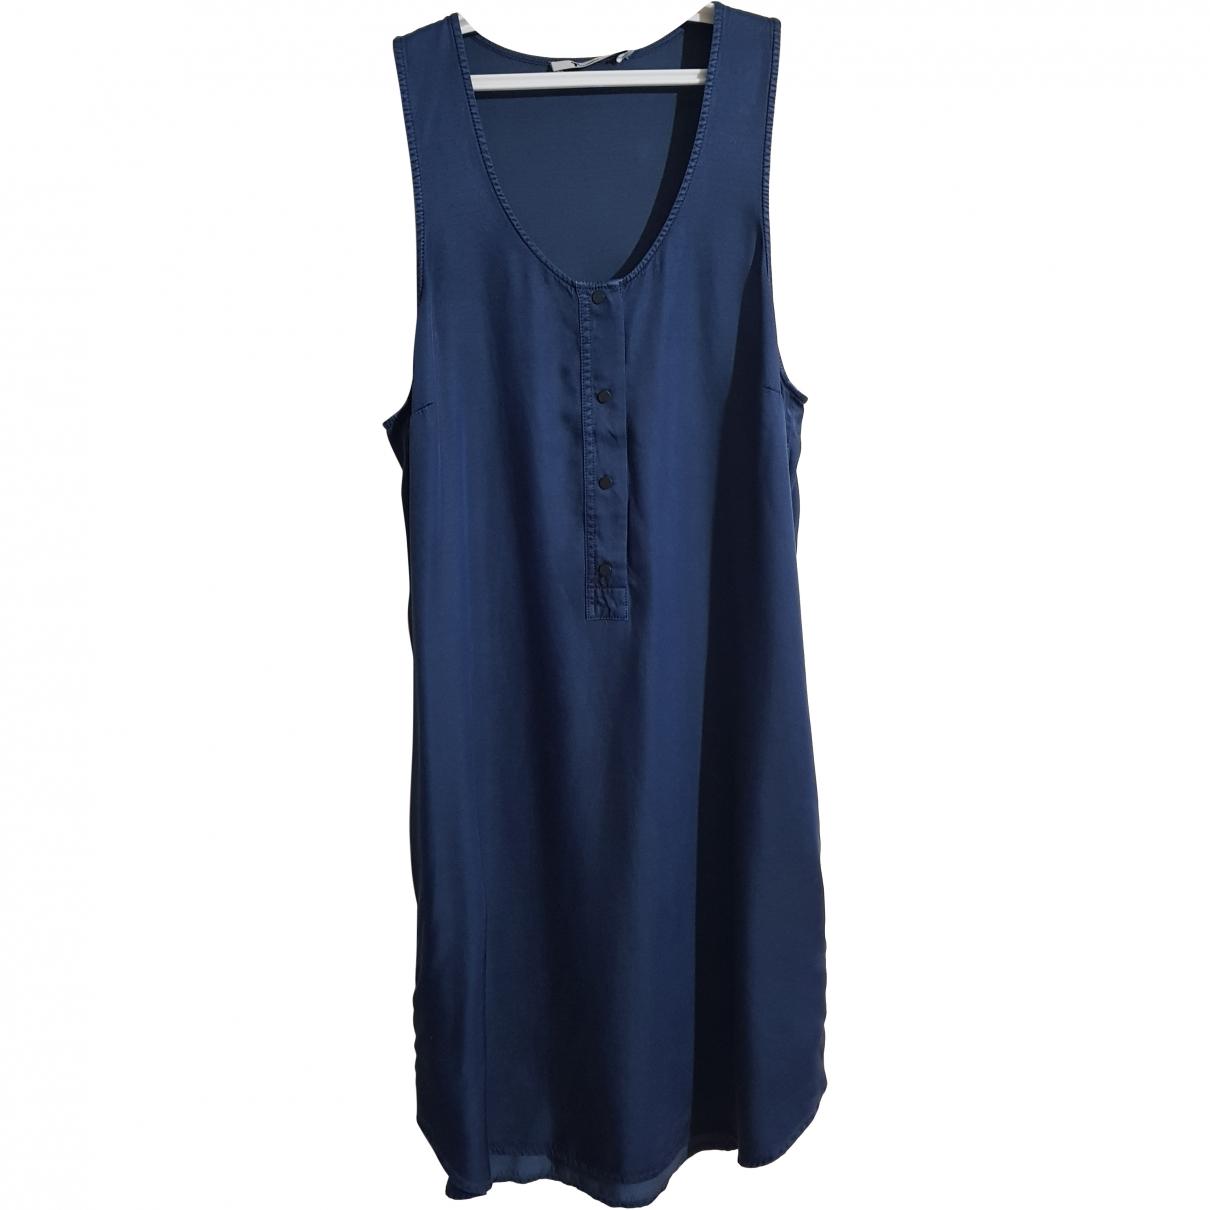 Alexander Wang \N Blue dress for Women S International